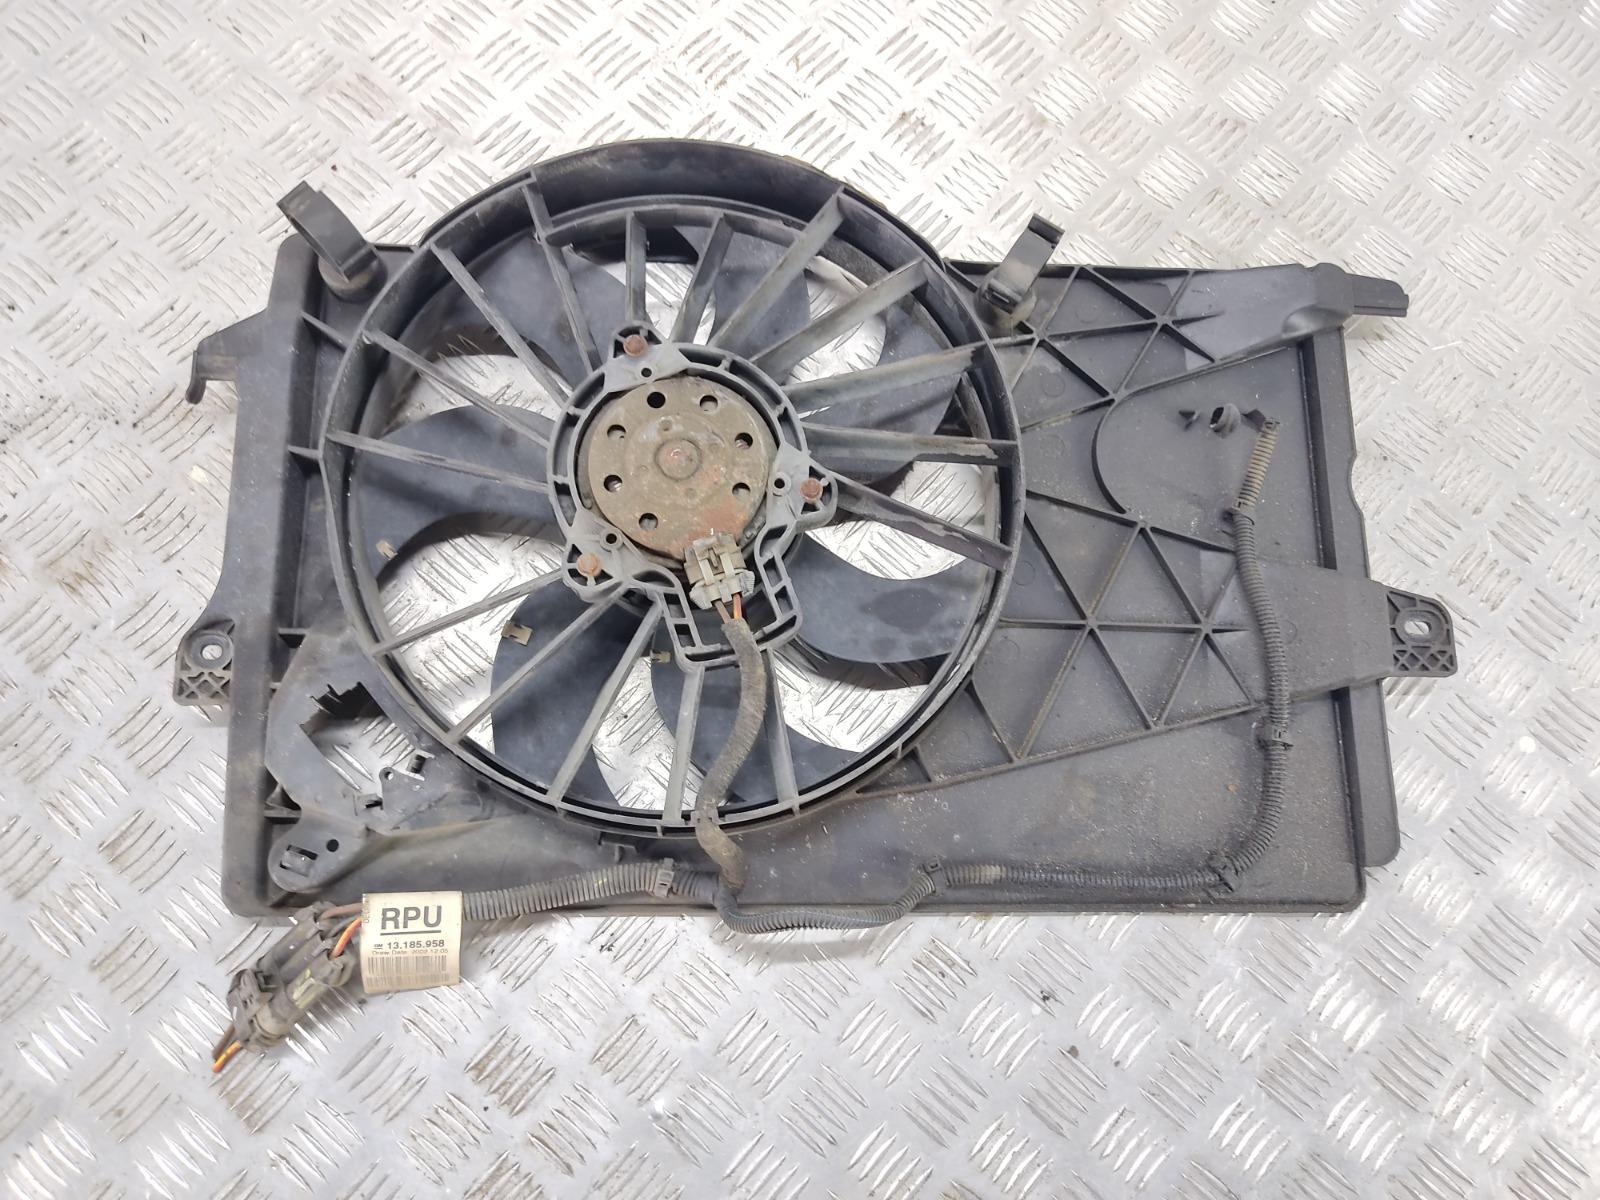 Вентилятор радиатора Opel Meriva 1.4 I 2005 (б/у)